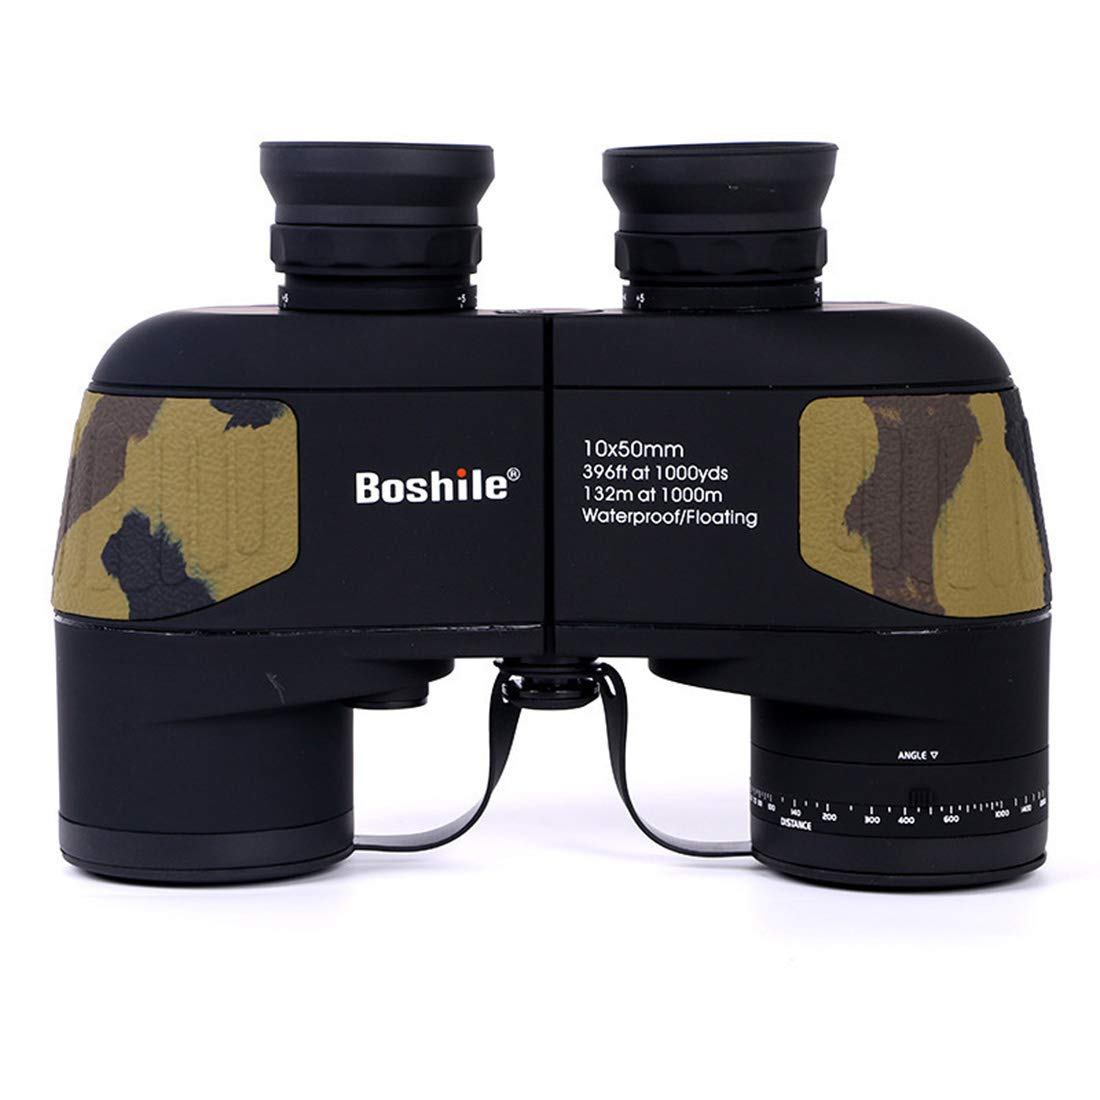 FELICIGG Binoculares de Alta Potencia 10 * 50 HD Zoom a Prueba de Agua Observación de Aves Telescopio de Mano para Uso en Exteriores (Color : Black)